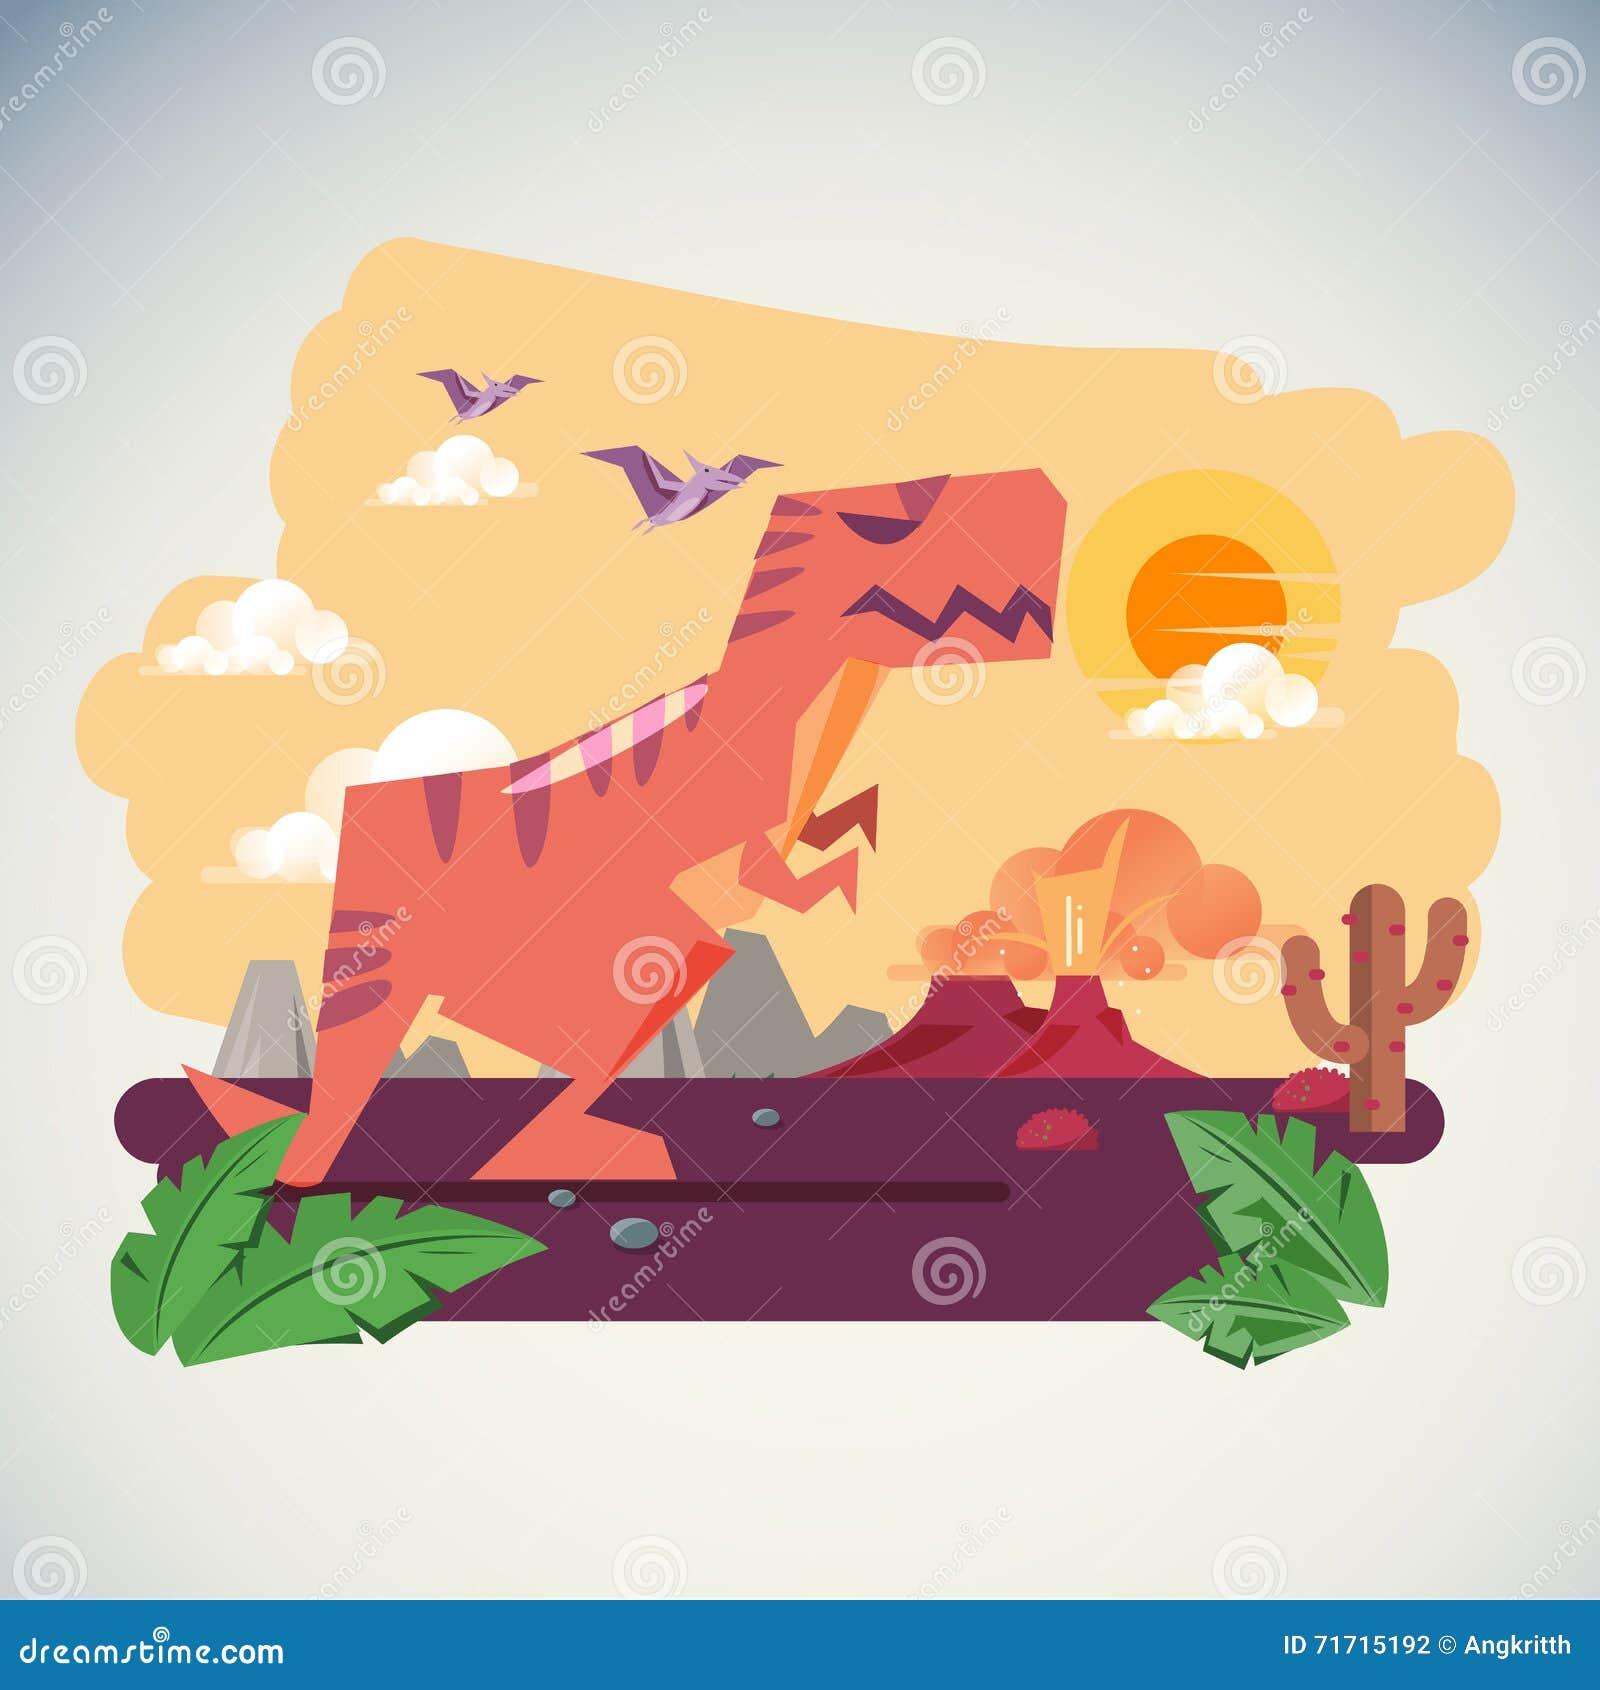 De Leeftijd van Dinosaurussen met Volcano Eruption-achtergrond - illustartion